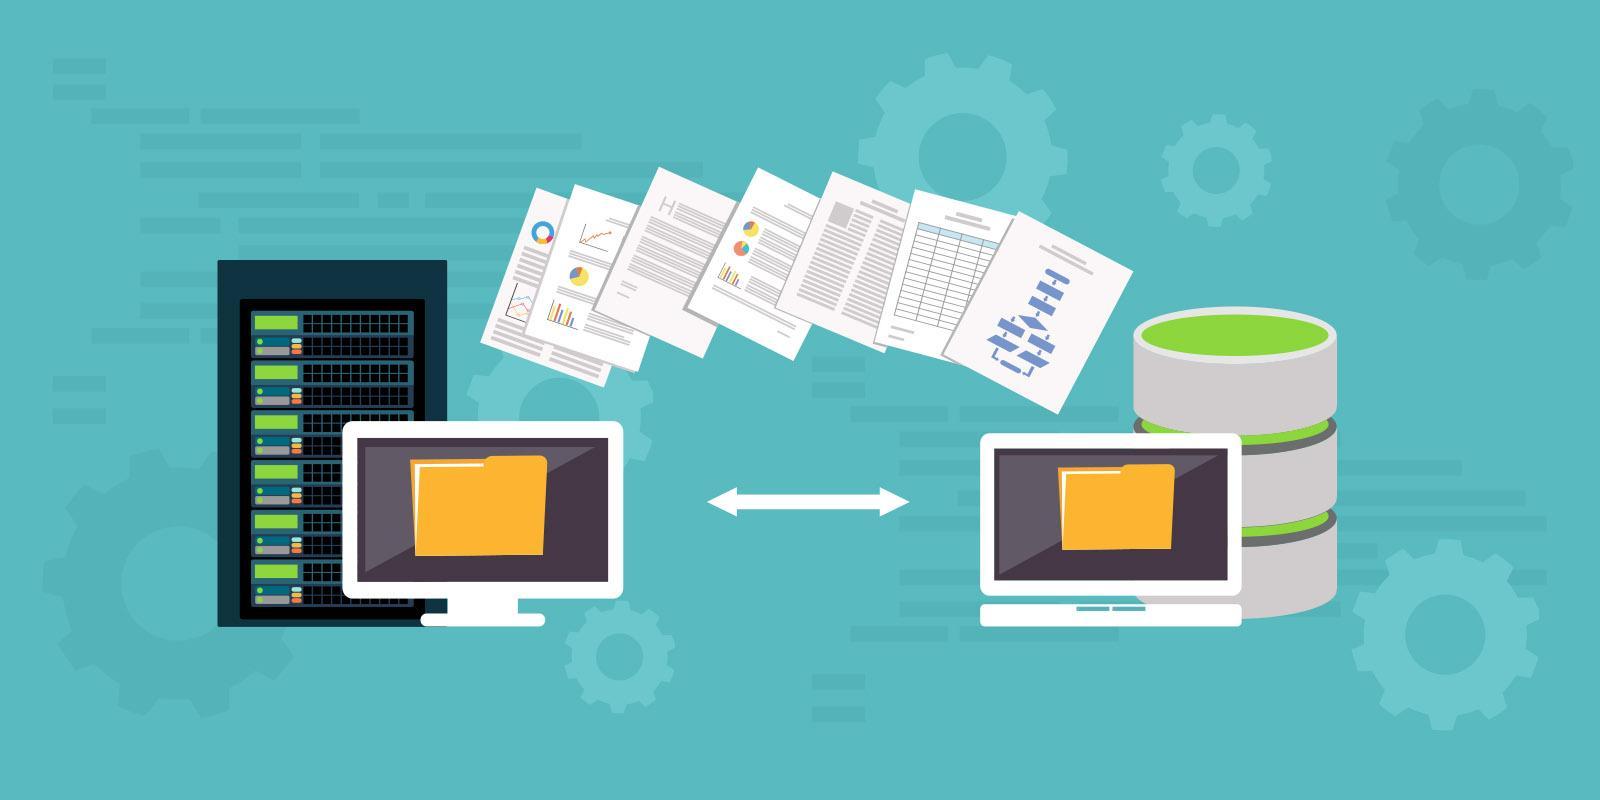 O que é backup e por que isso é vital para o meu negócio?